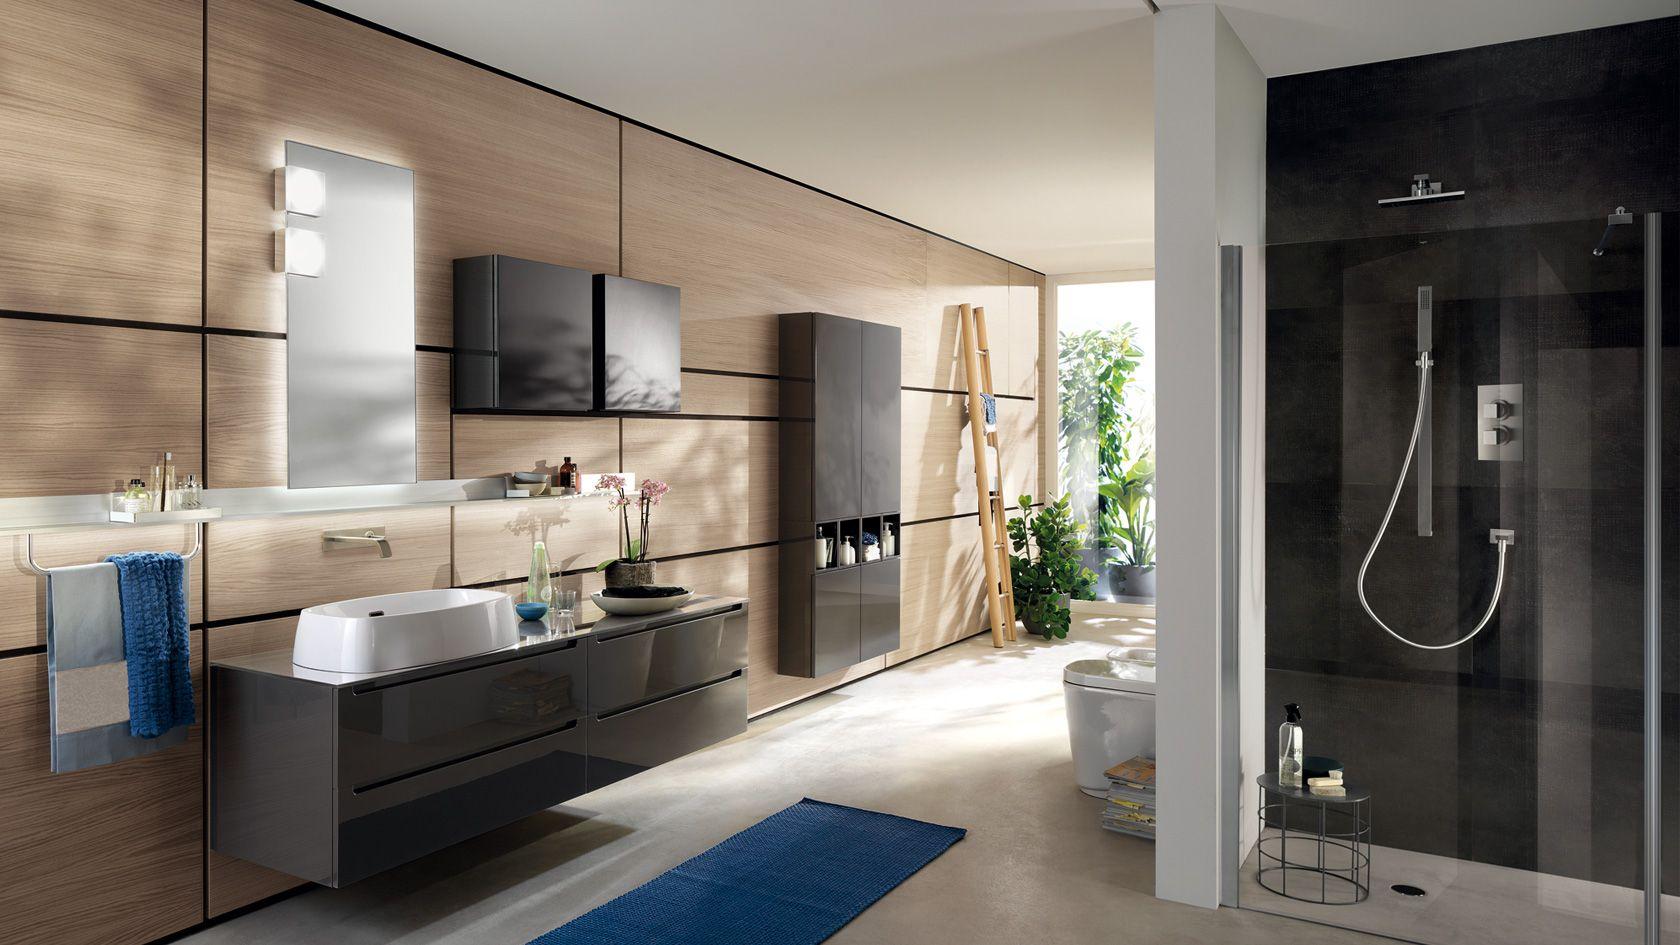 Bagno Idro | Sito ufficiale Scavolini | Un nuovo bagno | Pinterest ...